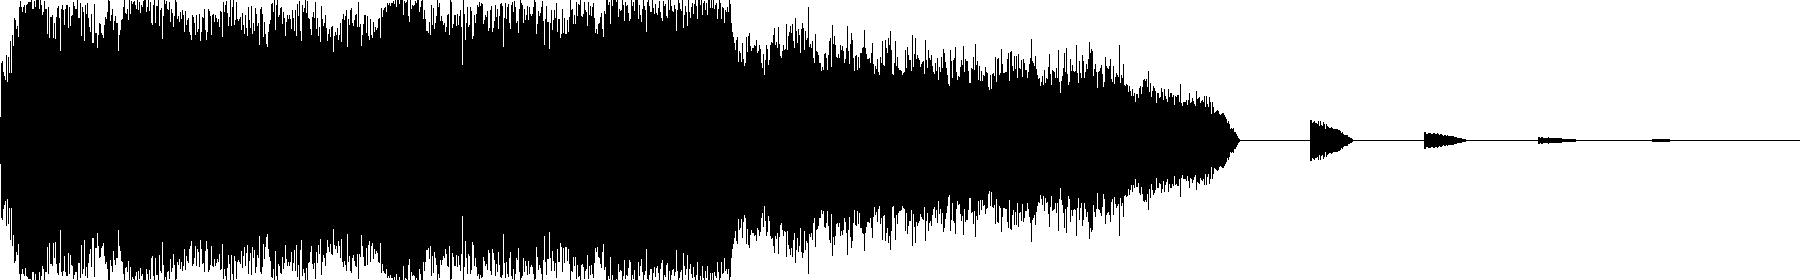 fog horn edit 1